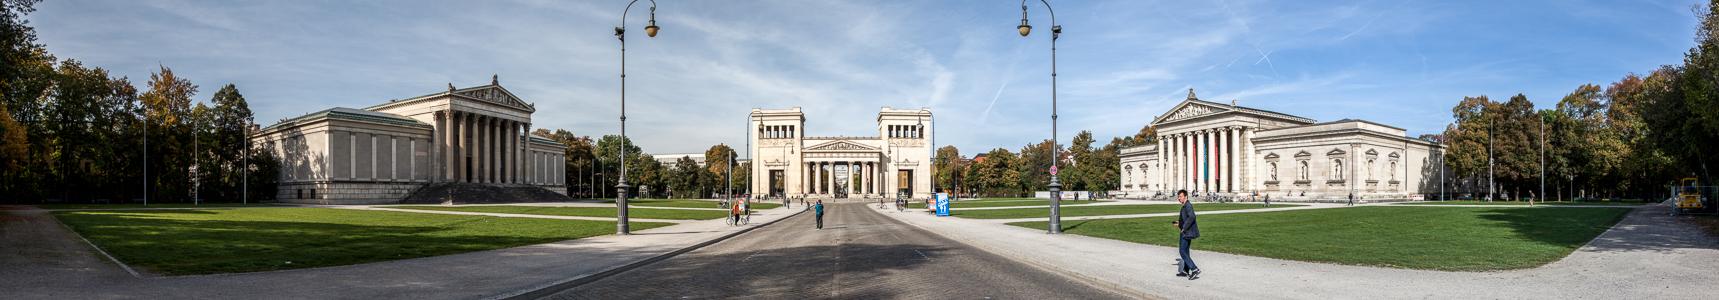 München Maxvorstadt - Königsplatz (v.l.): Staatliche Antikensammlungen, Propyläen und Glyptothek